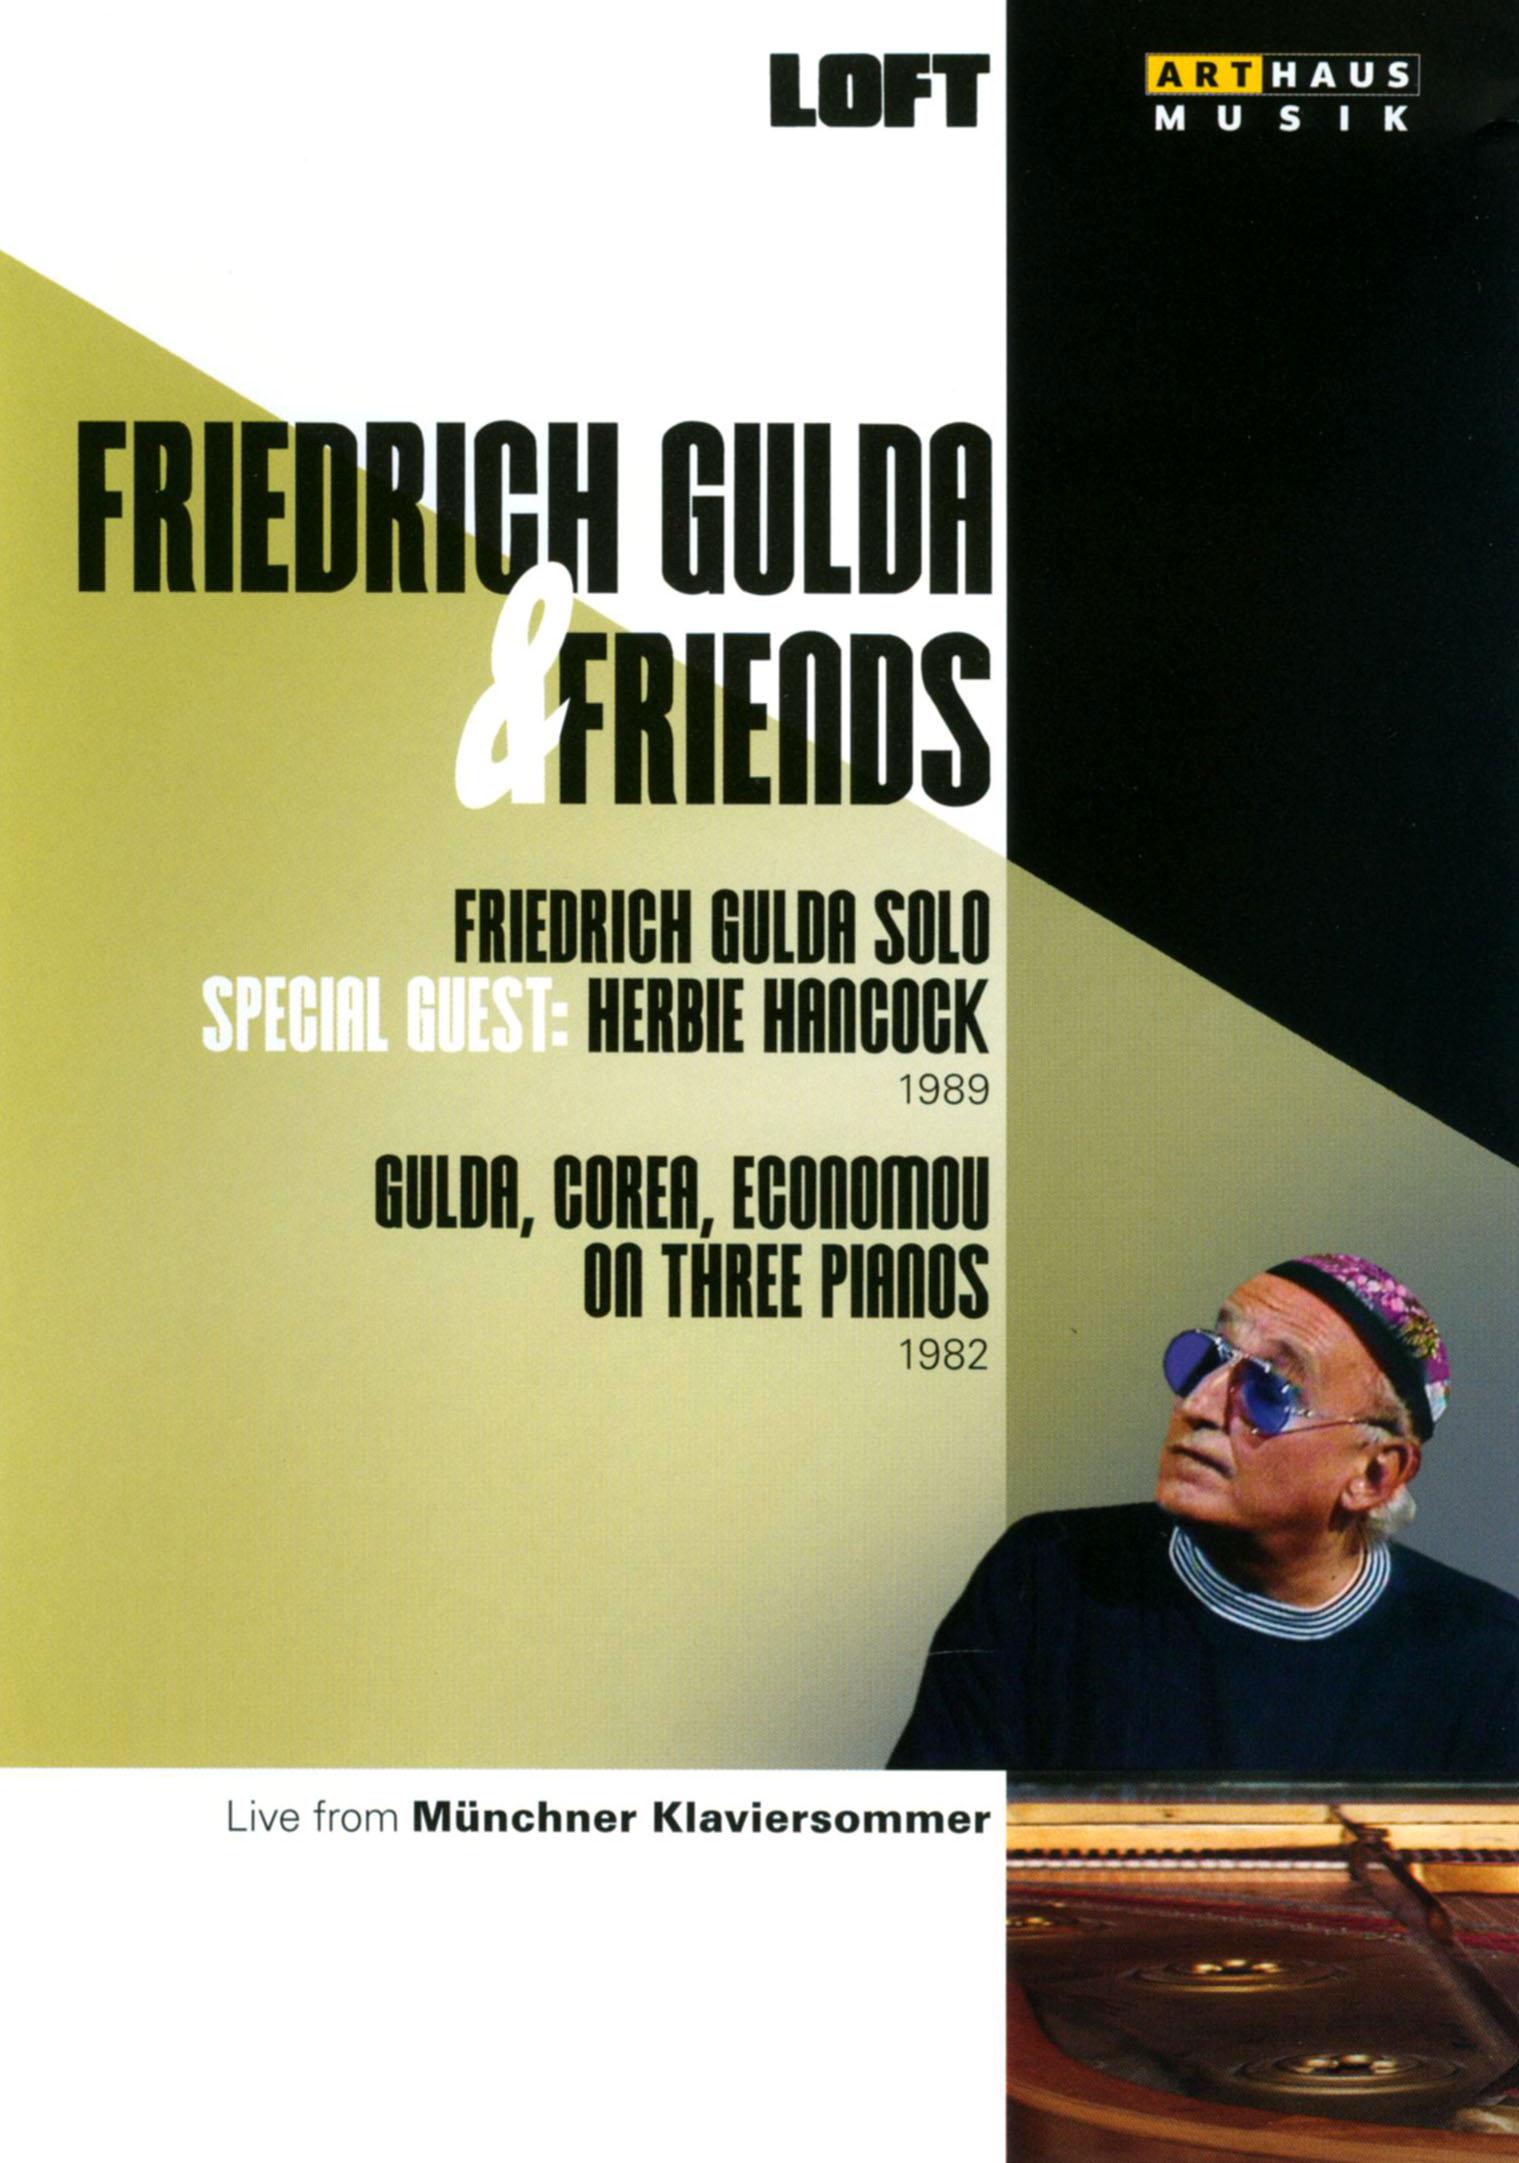 Friedrich Gulda & Friends: Live from Münchner Klaviersommer